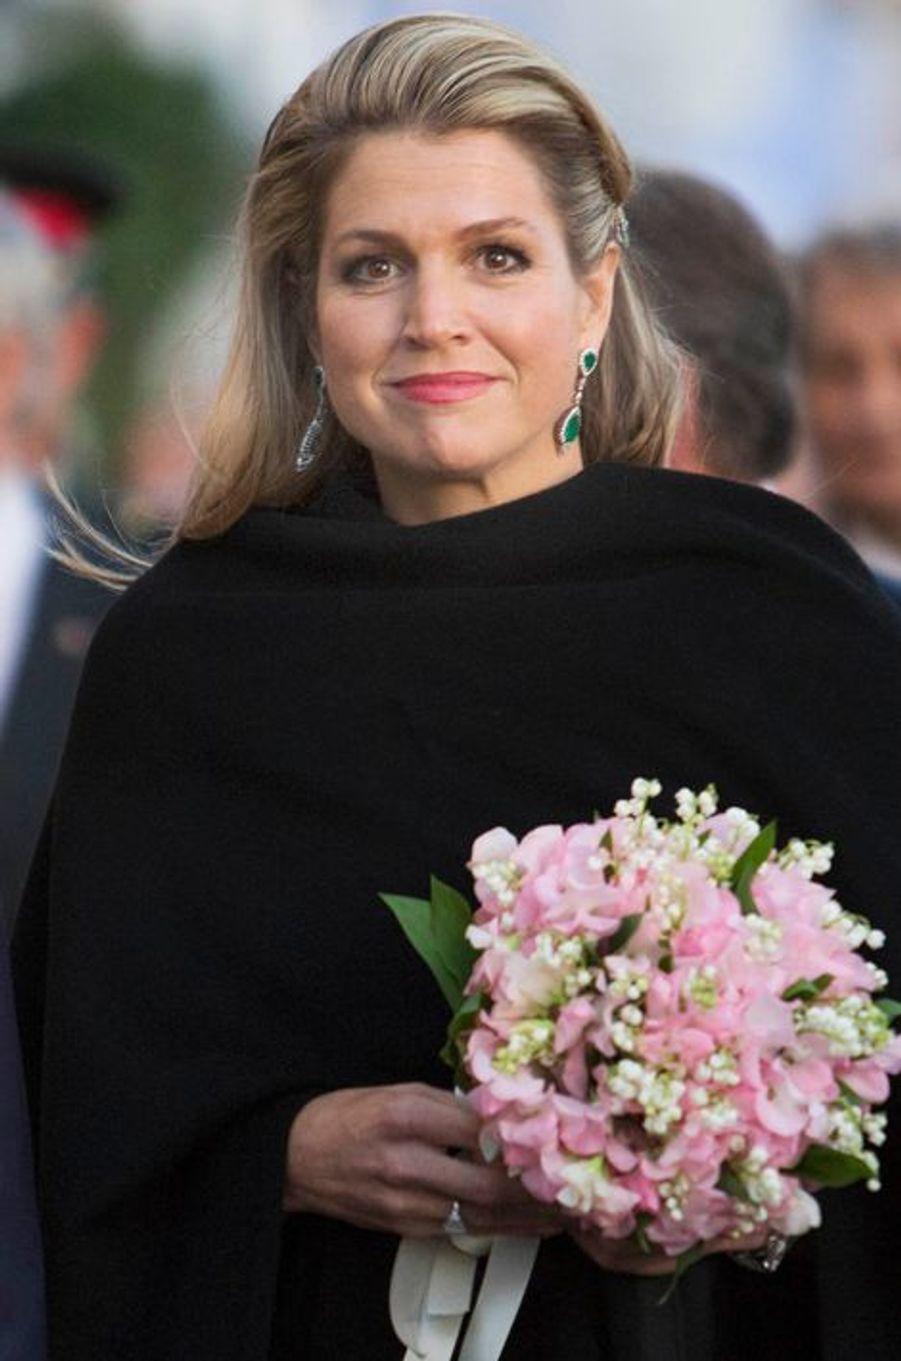 La reine Maxima des Pays-Bas à Amsterdam, le 5 mai 2015